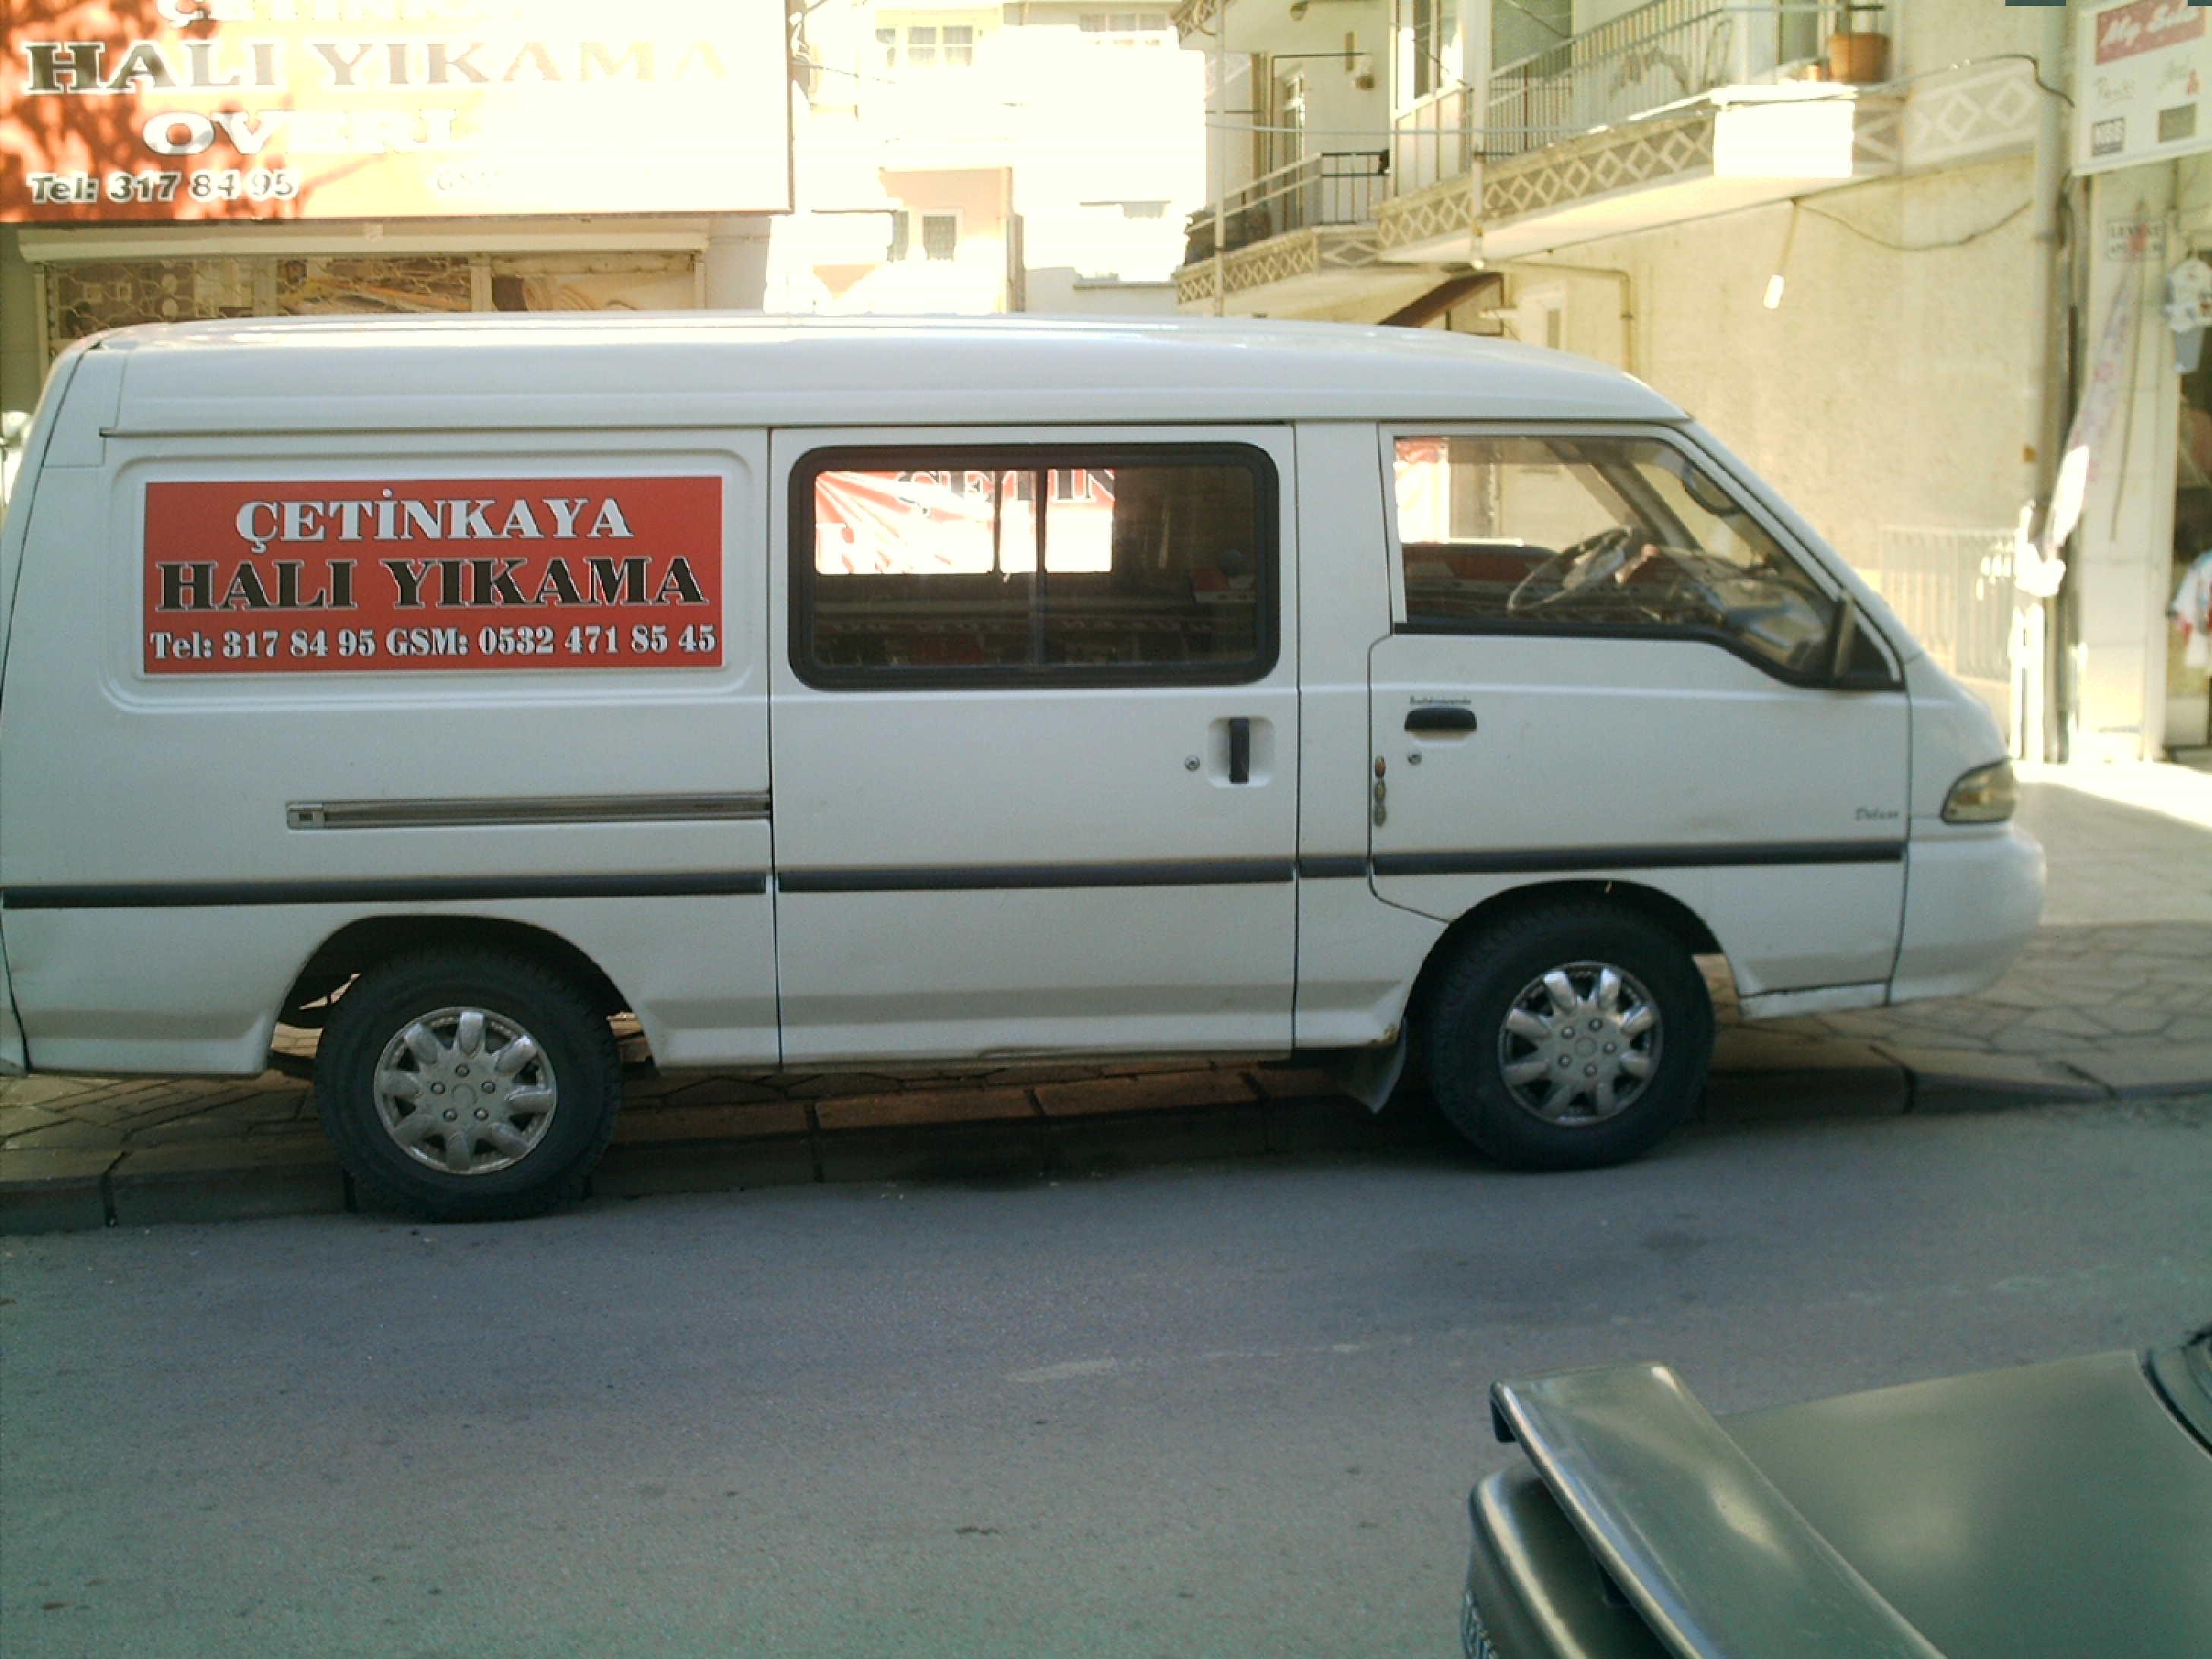 dodurga_hali_yikama_servis_araci